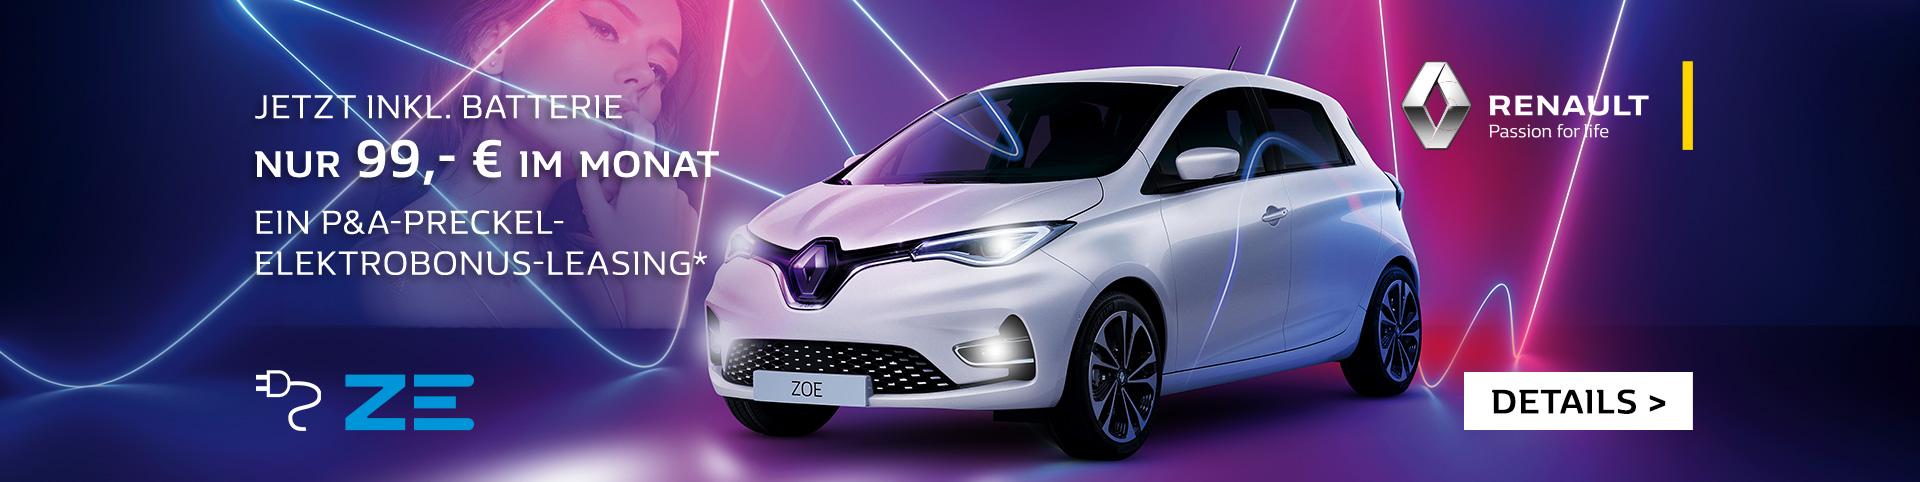 Renault ZOE nur 99€ im Monat inkl. Batteriemiete leasen